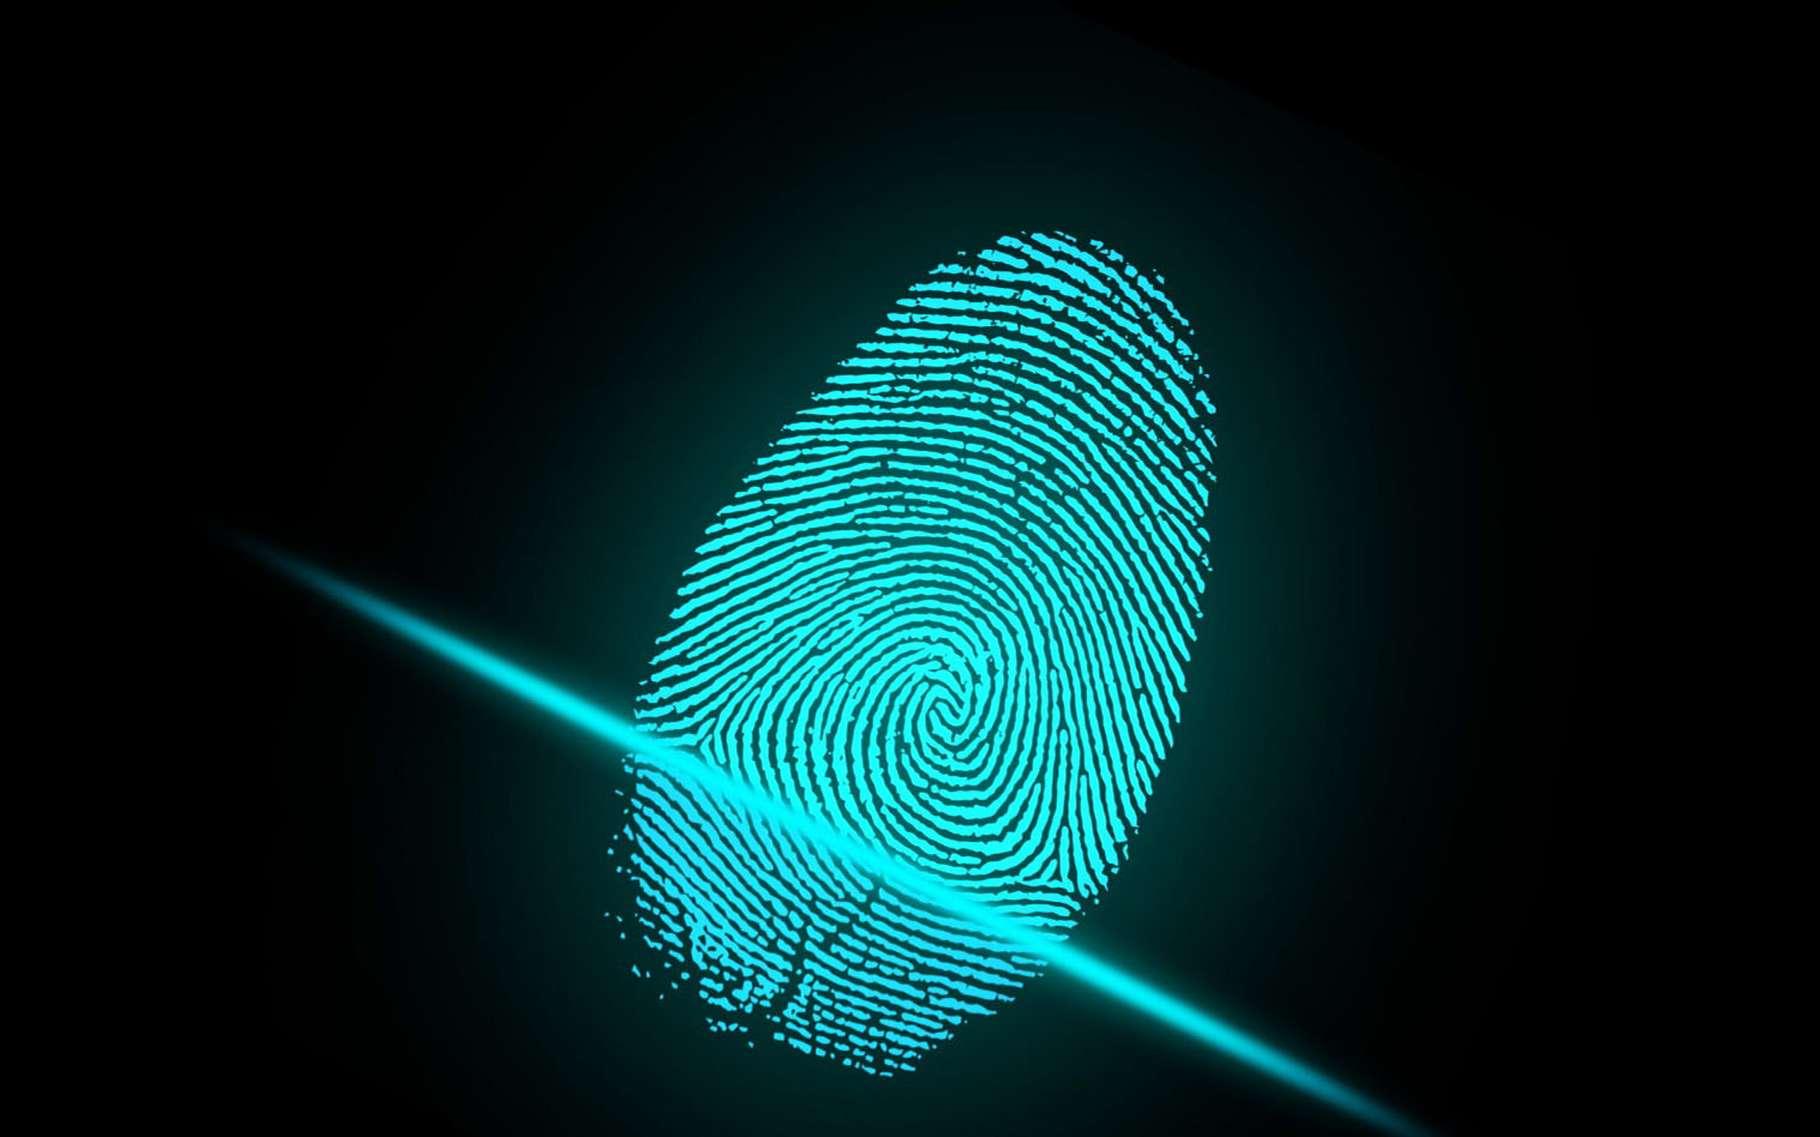 Quelles sont les caractéristiques d'une empreinte digitale ? © Ar130405, Pixabay, DP